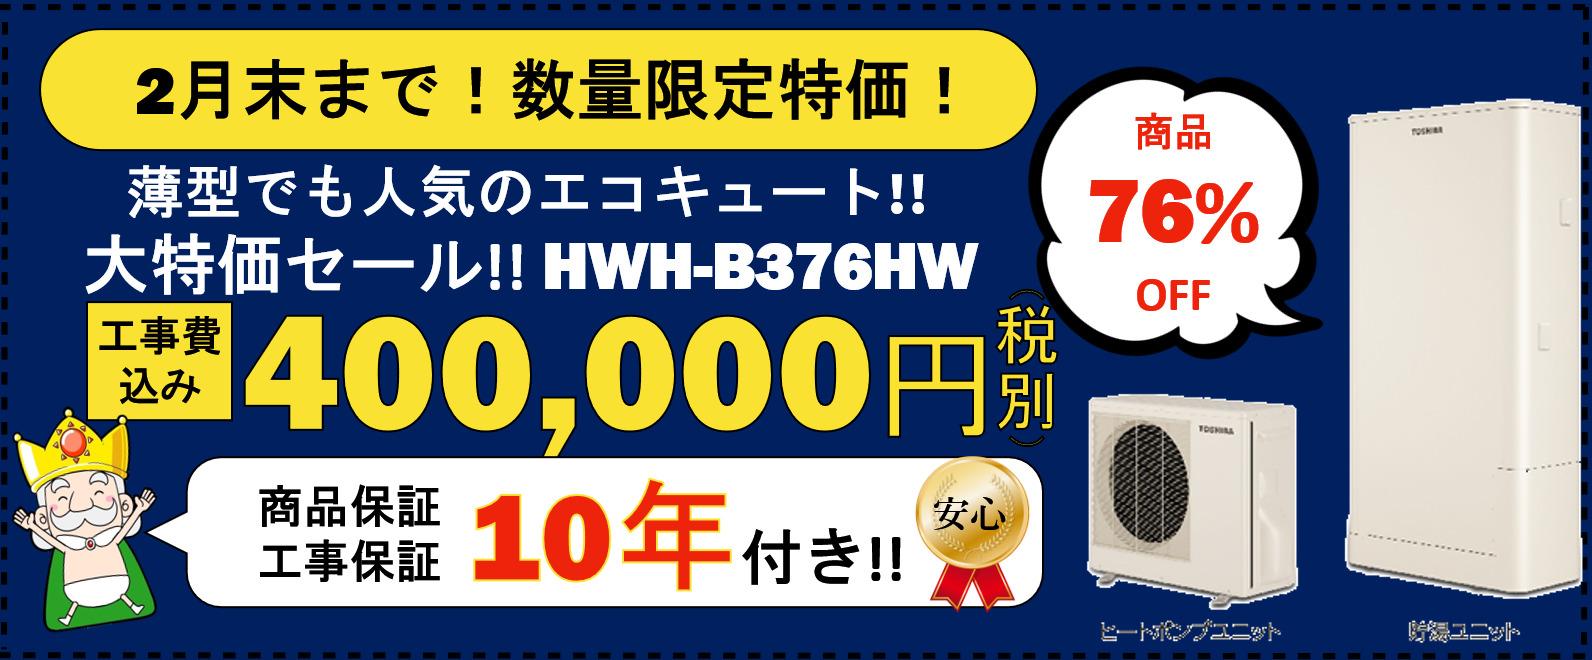 HWH-B376HW